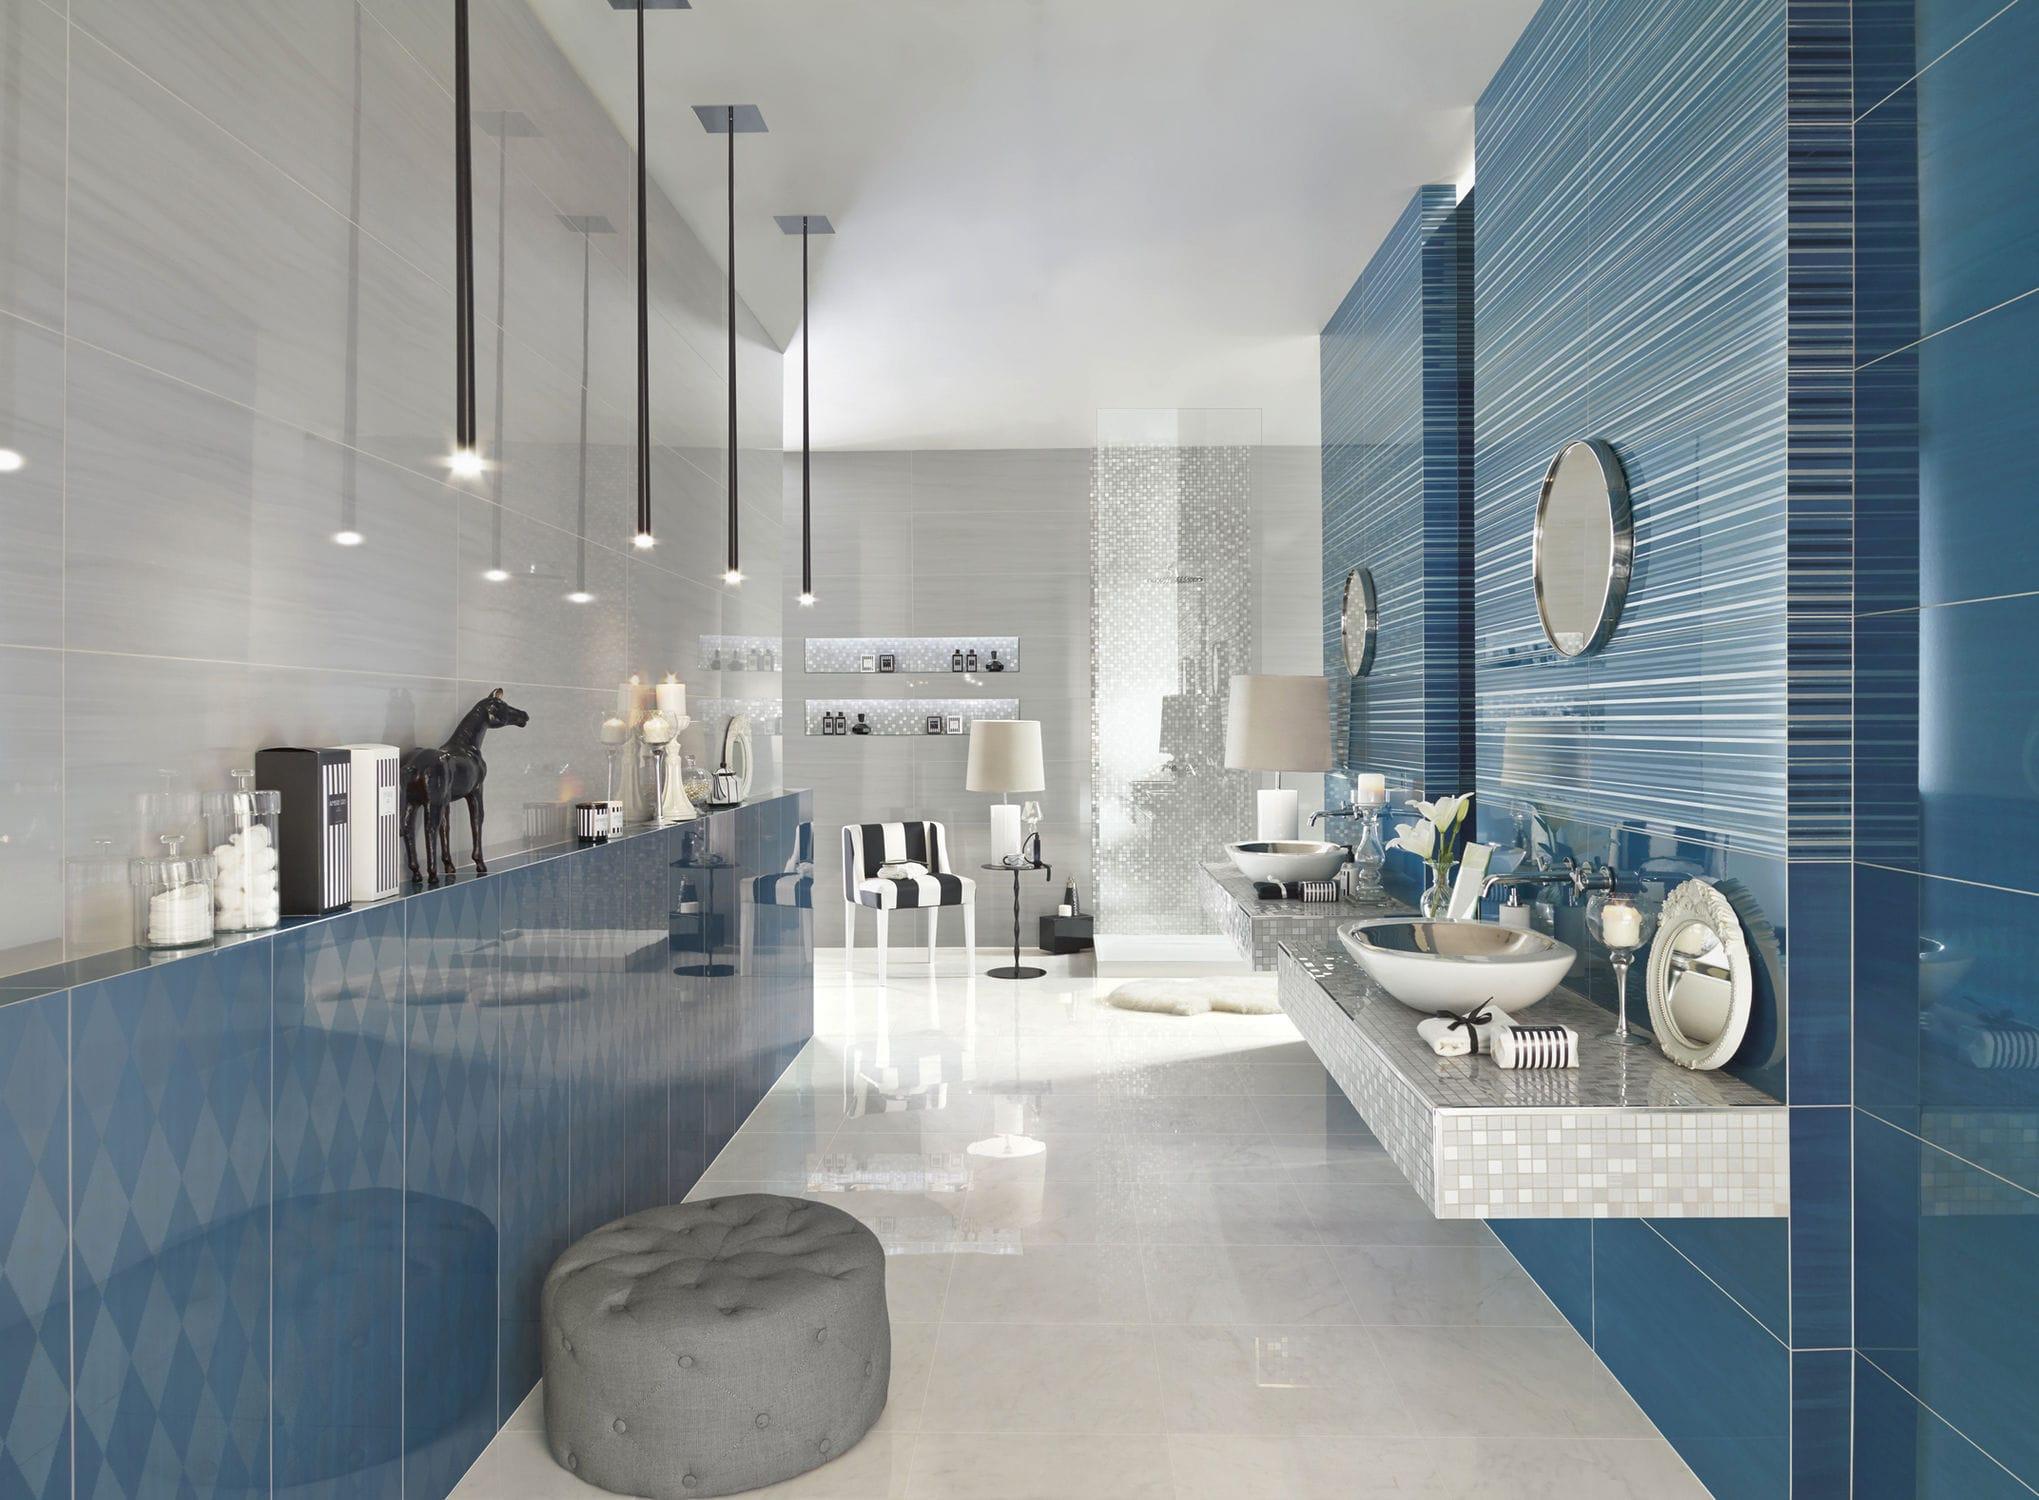 Indoor tile floor ceramic structure parfum love ceramic indoor tile floor ceramic structure parfum love ceramic tiles dailygadgetfo Images